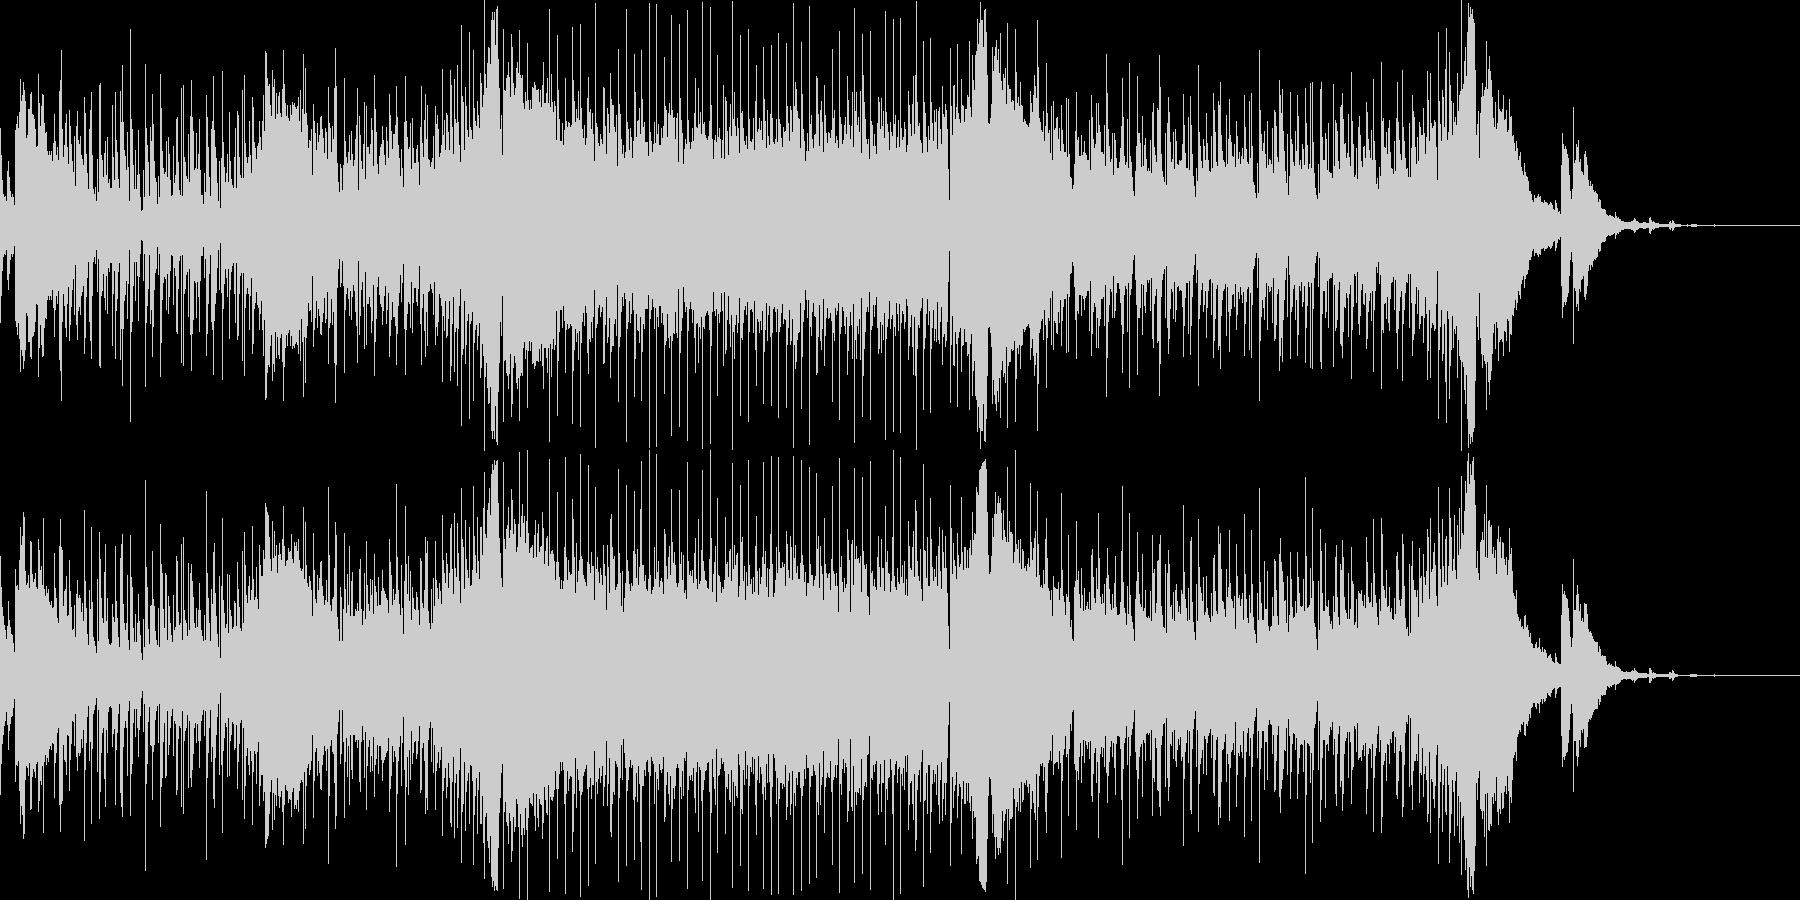 オシャレでさわやかな夏のトロピカルハウスの未再生の波形